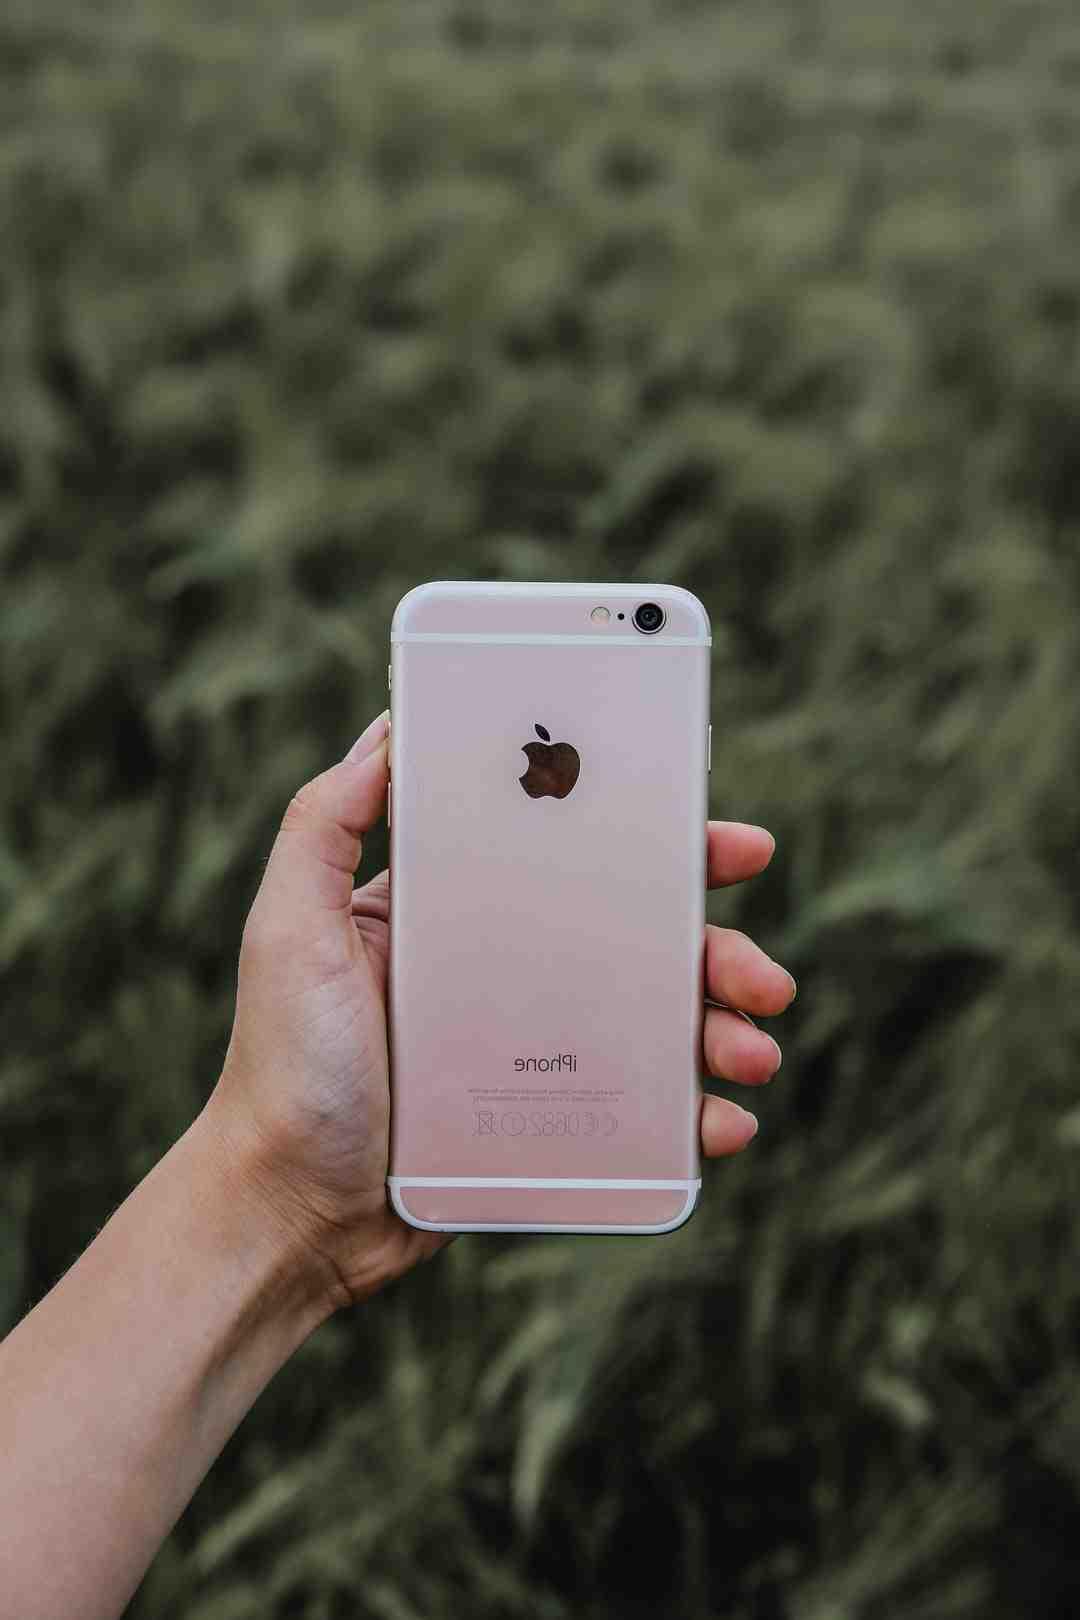 Comment faire pour enregistrer une photo sur iPhone ?